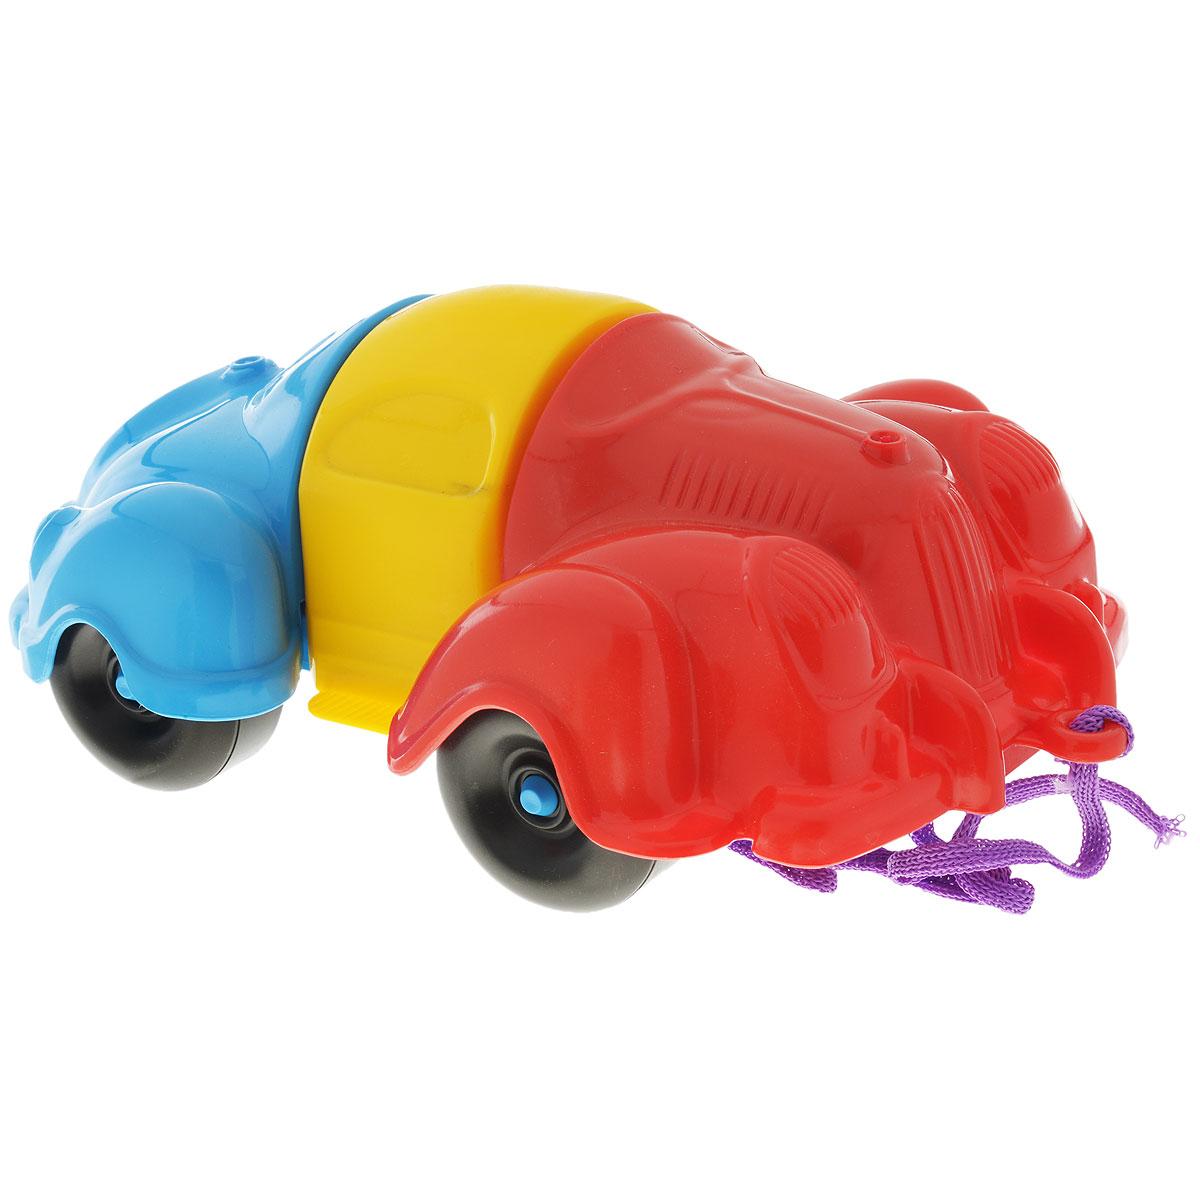 Bauer Каталка-конструктор Автомобиль282Каталка-конструктор Bauer Автомобиль обязательно привлечет внимание вашего малыша. Игрушка состоит из нескольких крупных деталей разного цвета, из которых можно собрать машинку. Также в комплект входит верёвочка, которую можно привязать к каталке, чтобы ребёнок мог катить её за собой. Игрушка сделана из высококачественного пластика с использованием пищевых красителей. С такой игрушкой ваш ребенок весело проведет время, играя на детской площадке или в песочнице. А процесс сборки игрушки-конструктора поможет малышу развить мелкую моторику пальчиков, внимательность и усидчивость. Порадуйте своего малыша такой чудесной игрушкой!